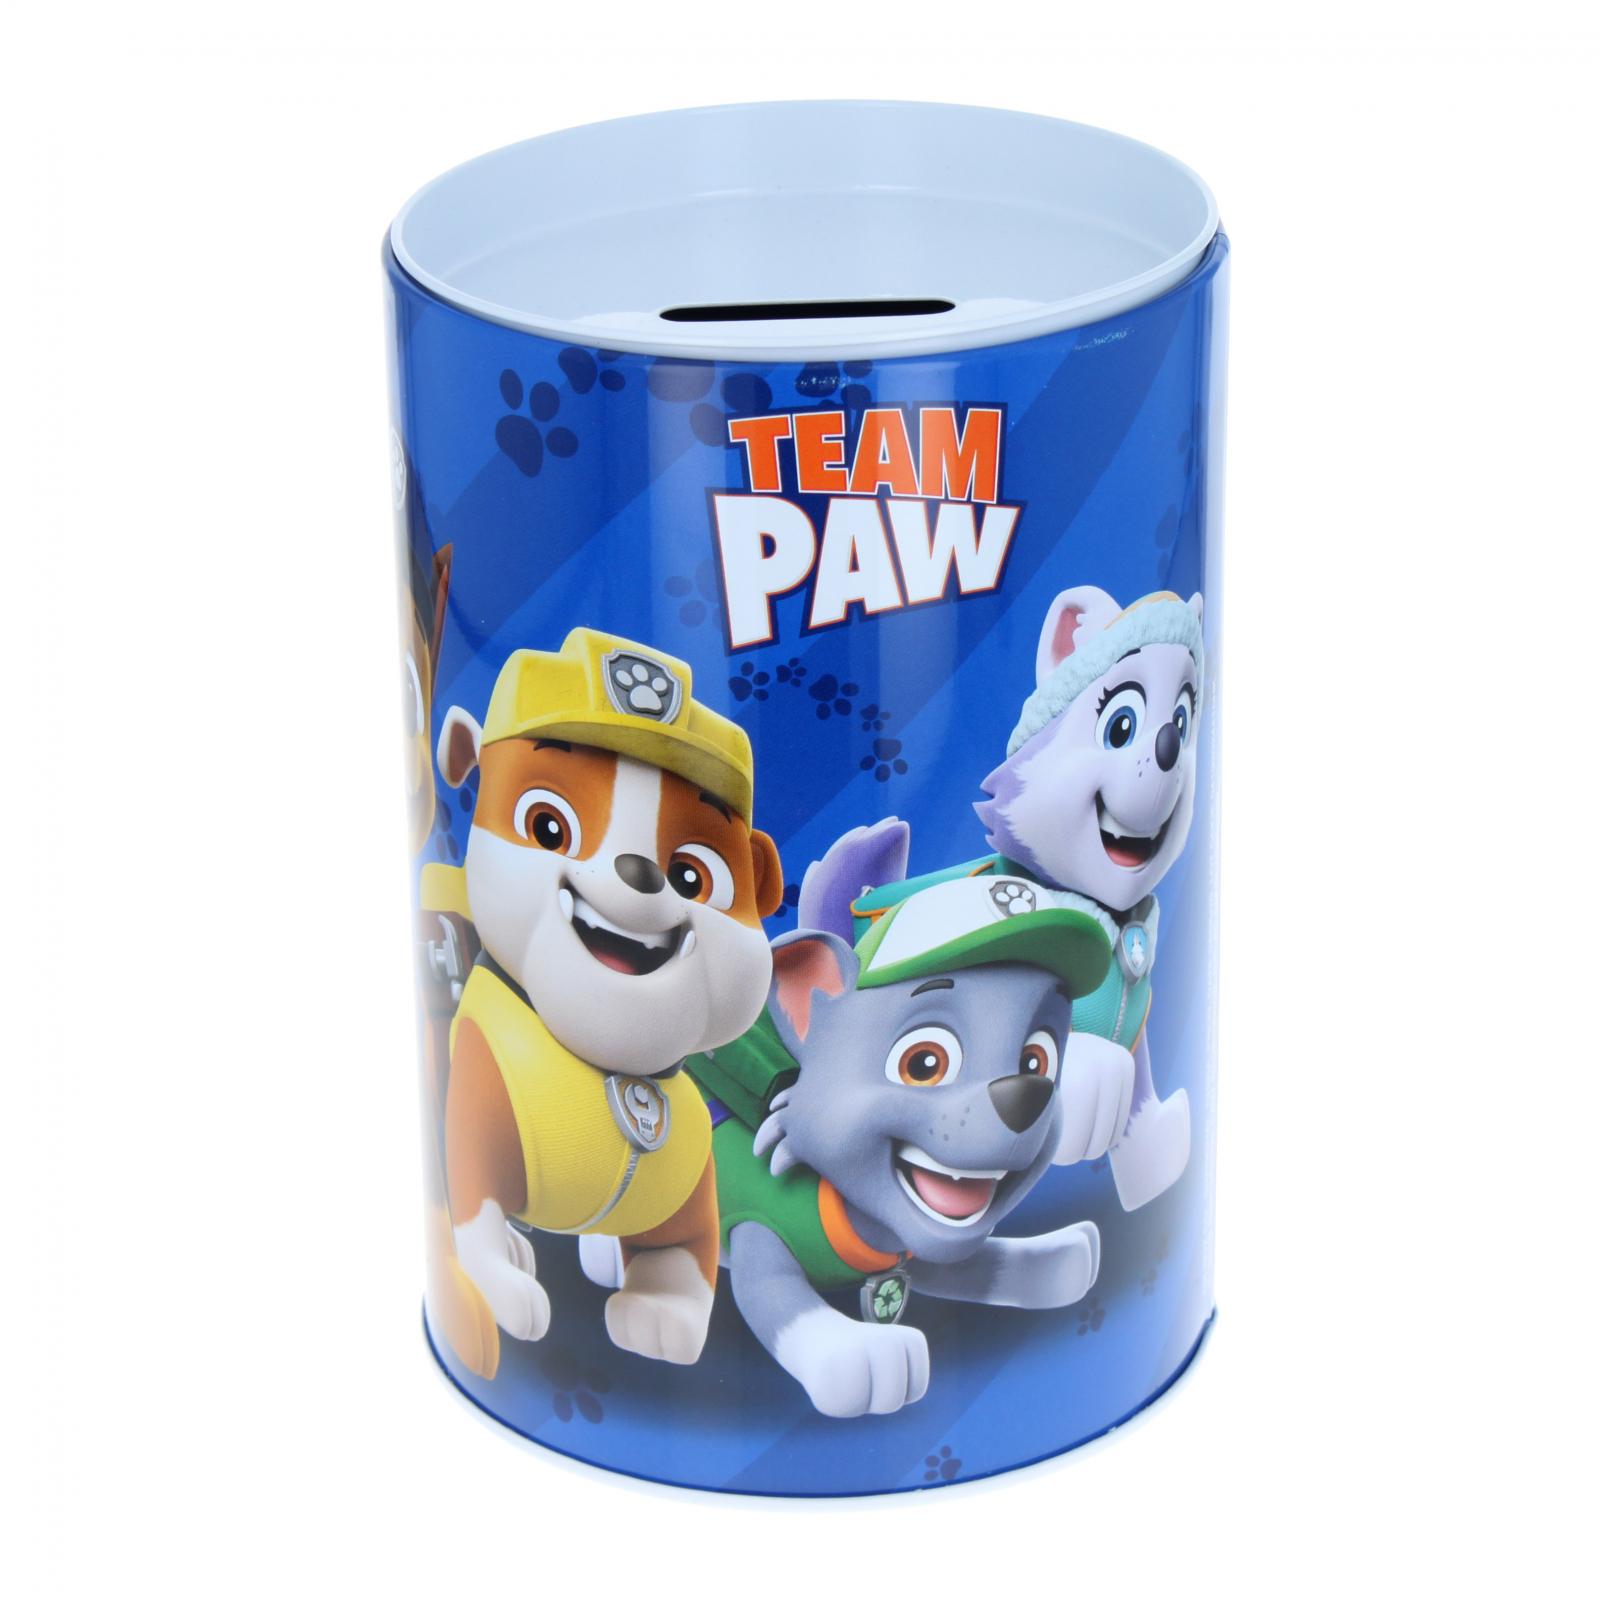 Paw Patrol Kids Tin Piggy Bank Learning Savings